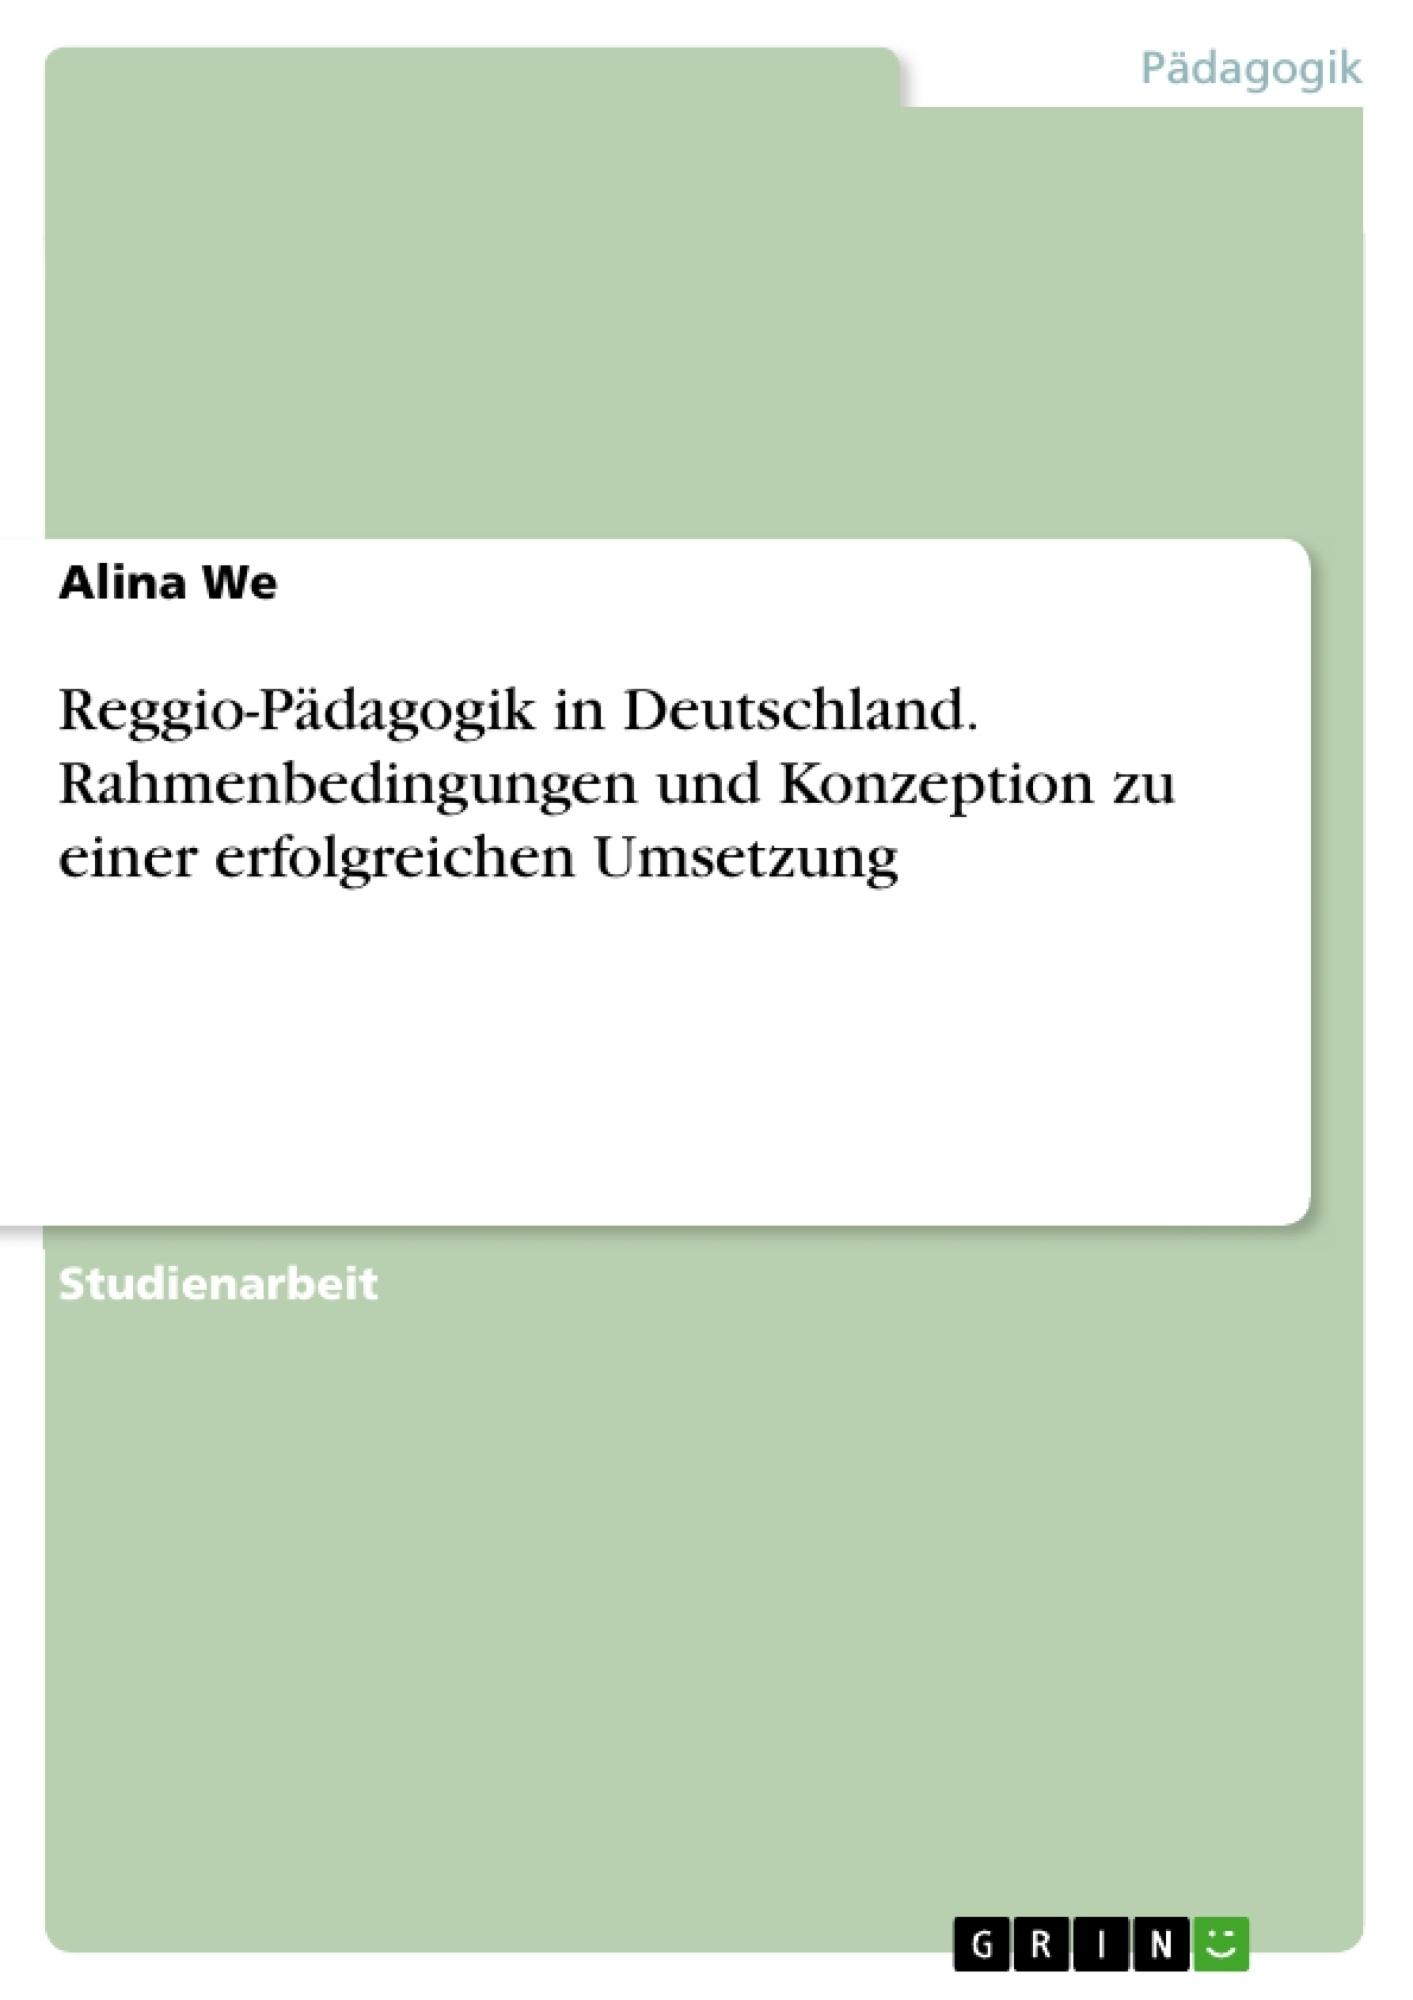 Titel: Reggio-Pädagogik in Deutschland. Rahmenbedingungen und Konzeption zu einer erfolgreichen Umsetzung